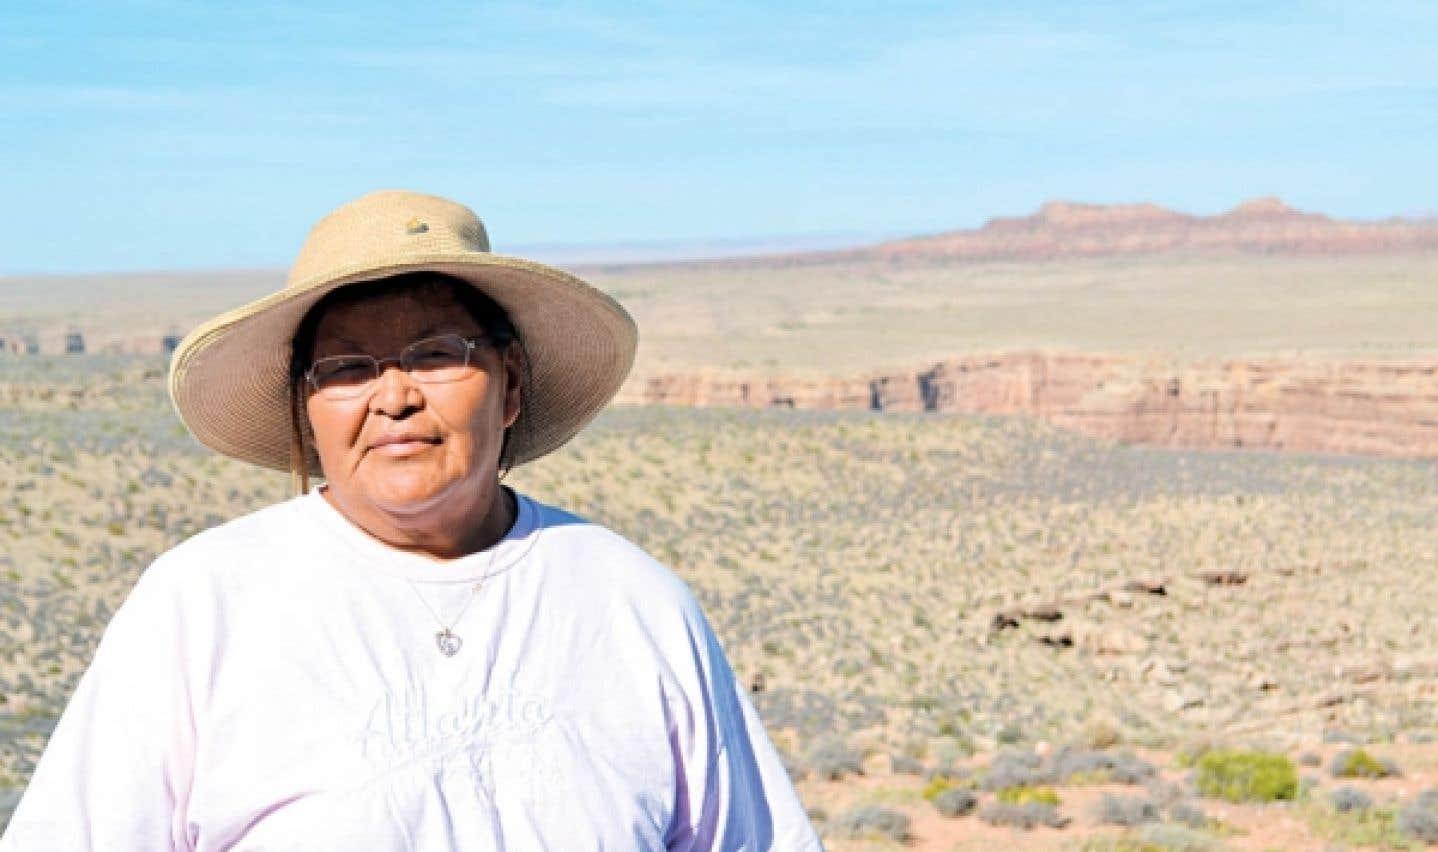 L'Arizona, bientôt 100 ans (3) - La longue marche des Navajos vers l'autonomie